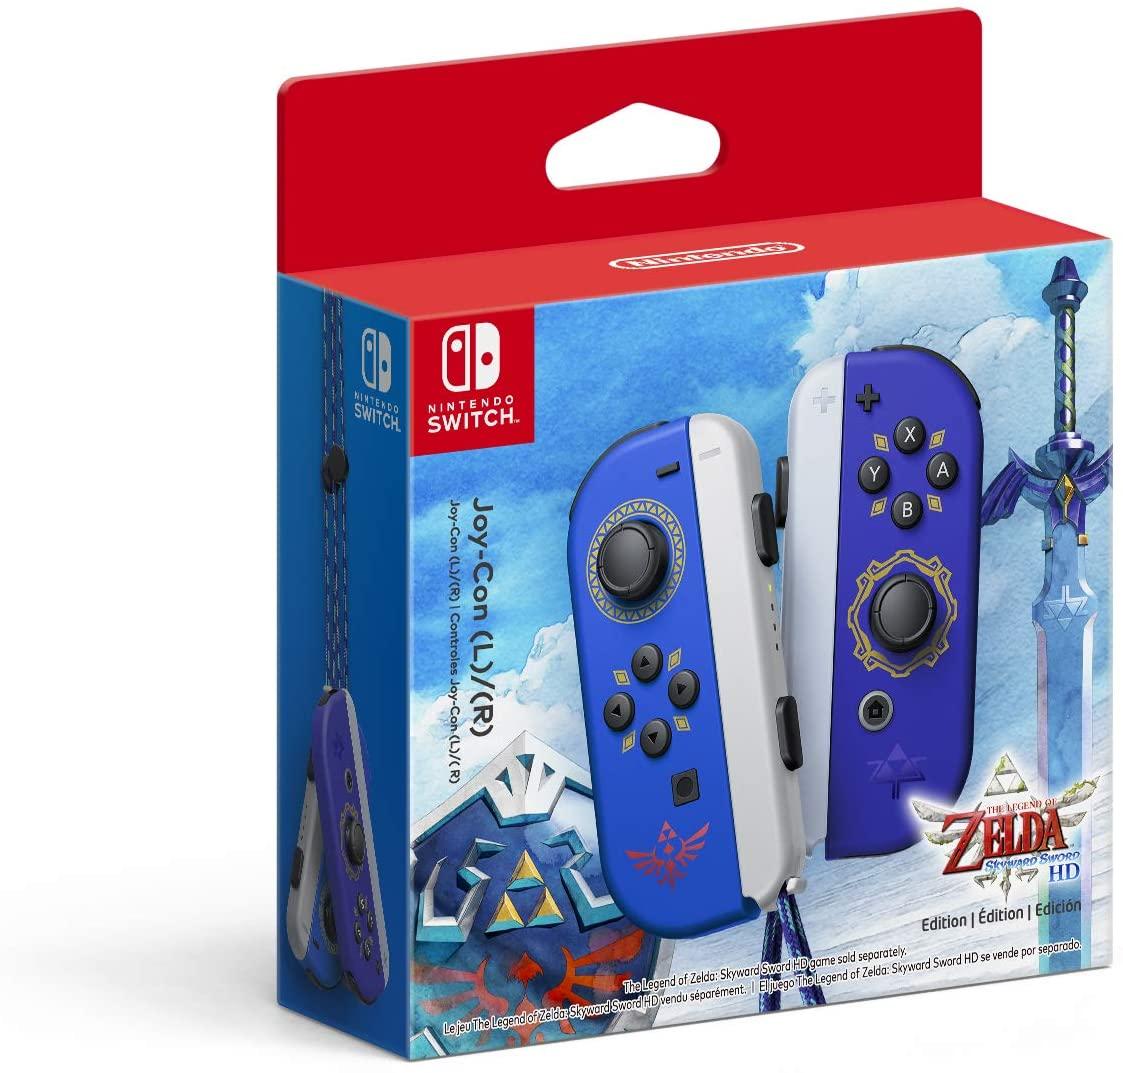 Nintendo Joy-Con - The Legend of Zelda: Skyward Sword HD Edition Azul Special Nintendo Switch